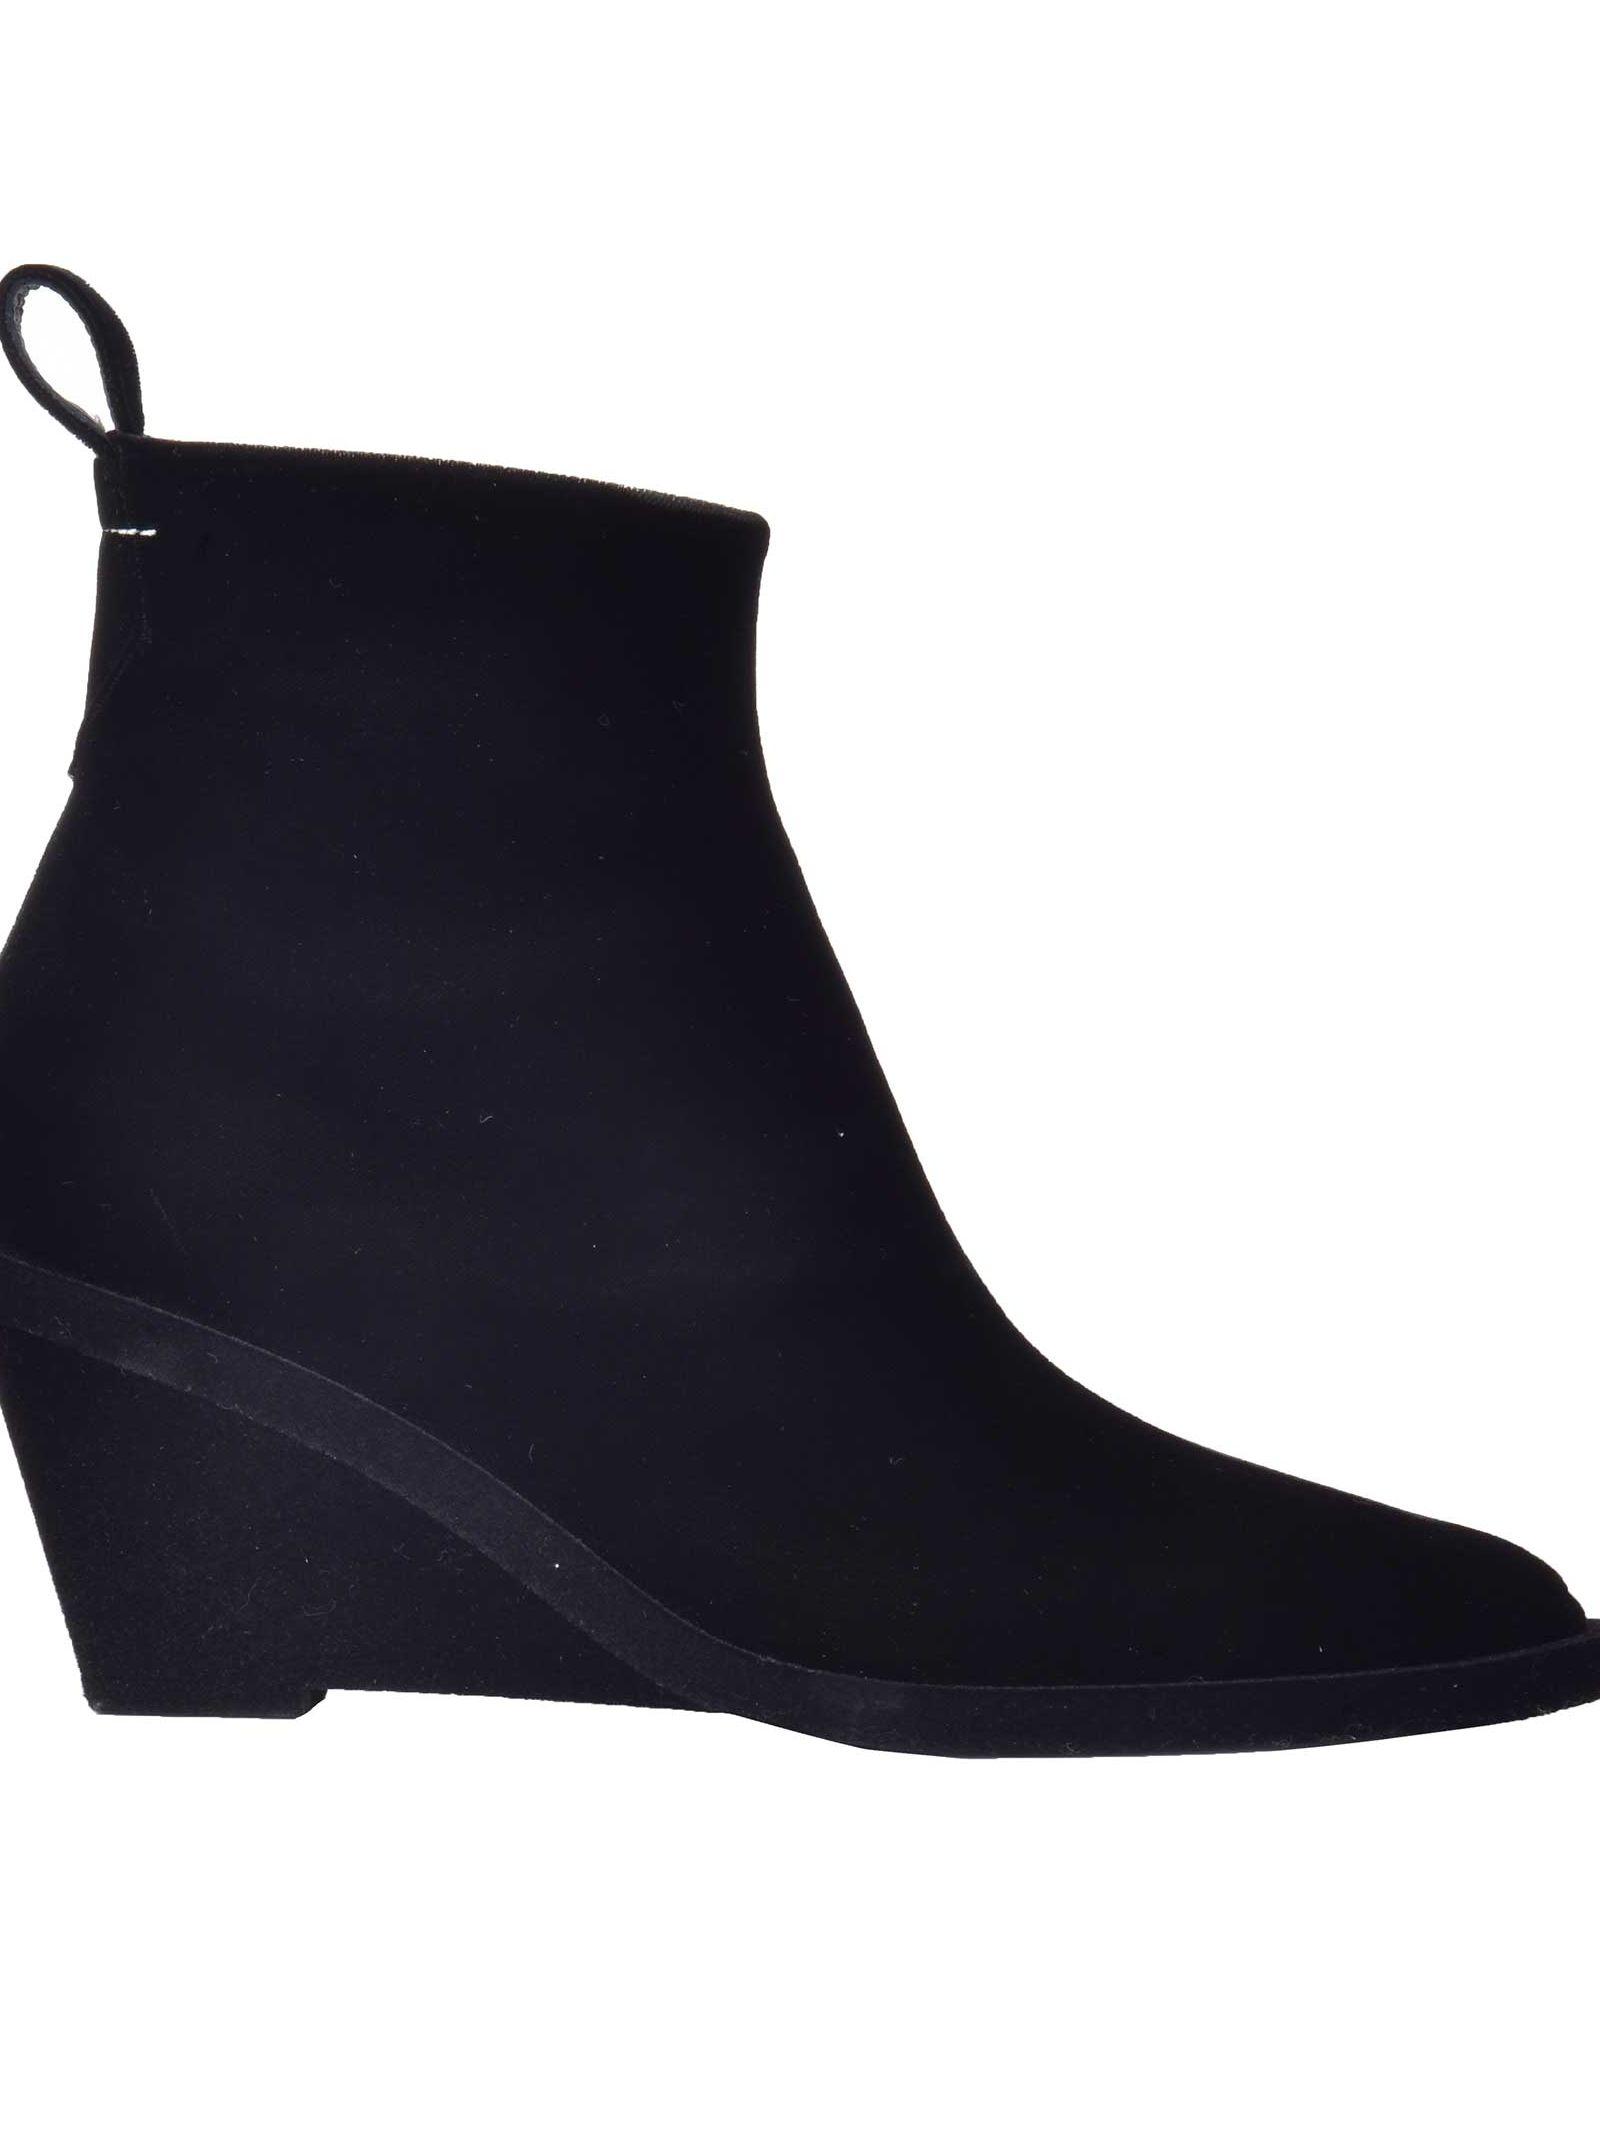 Mm6 Maison Margiela Classic Ankle Boots